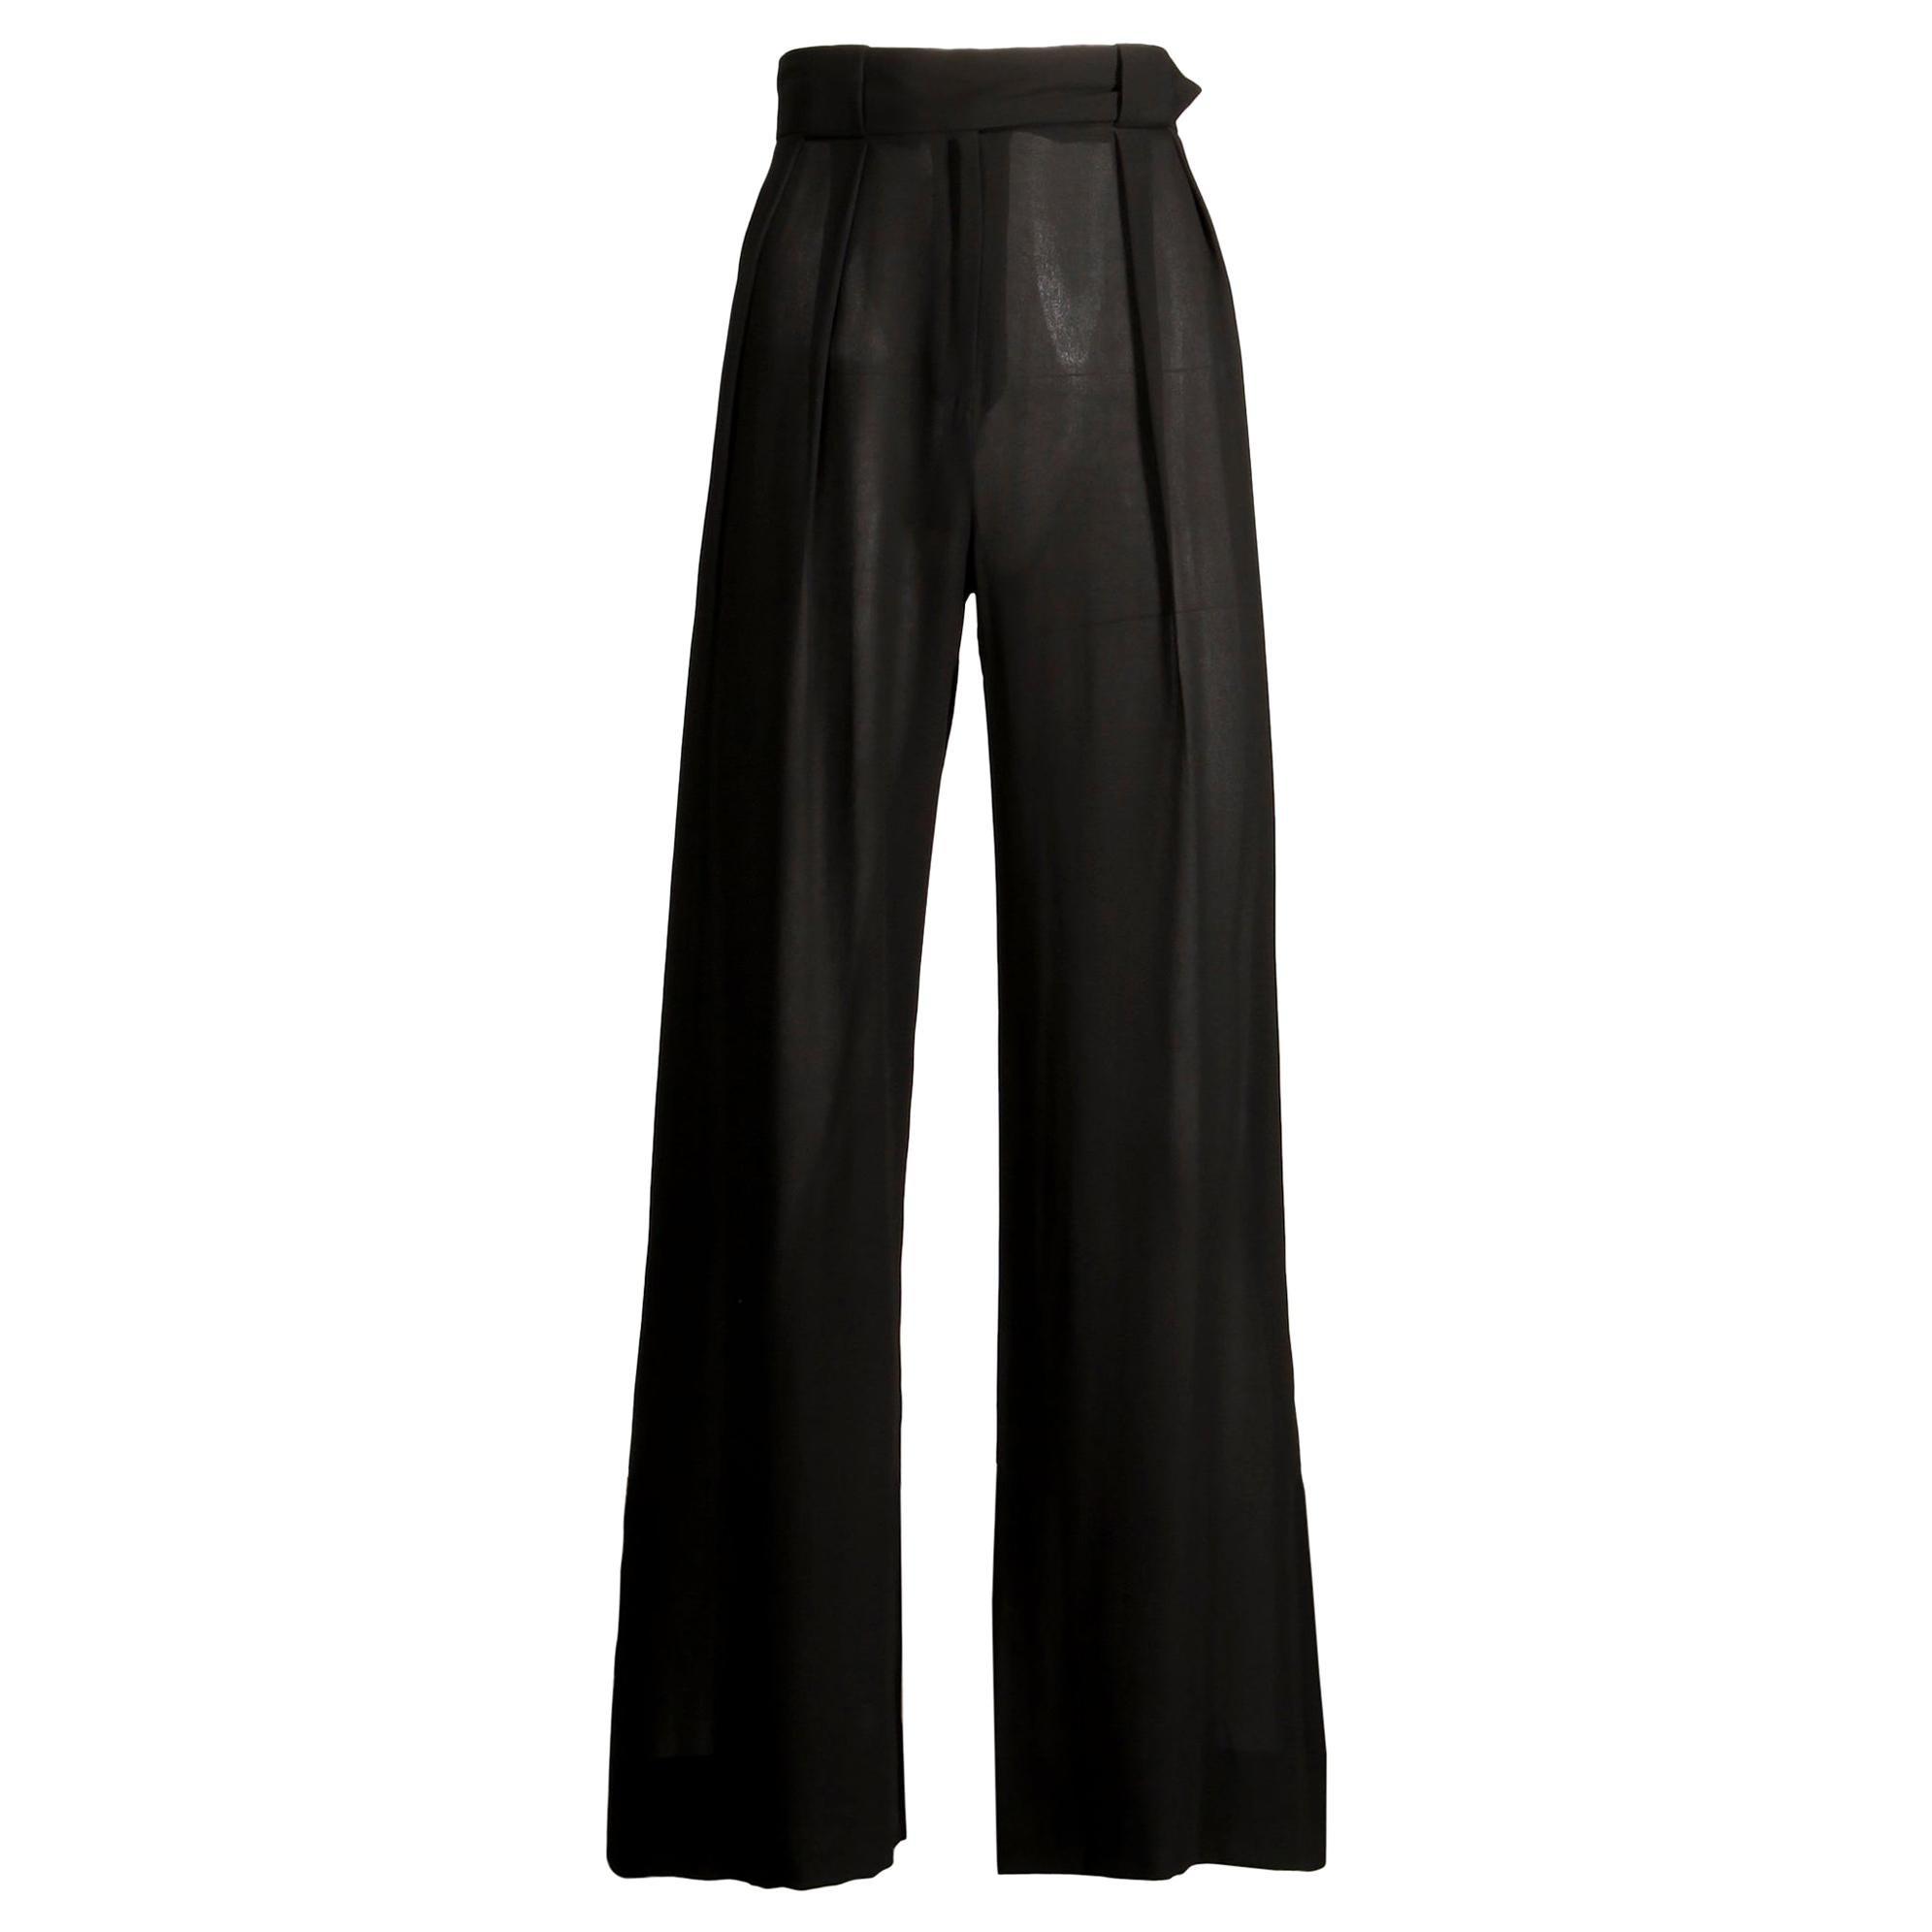 1970s Cardinali Vintage Sheer Black Silk Palazzo Pants